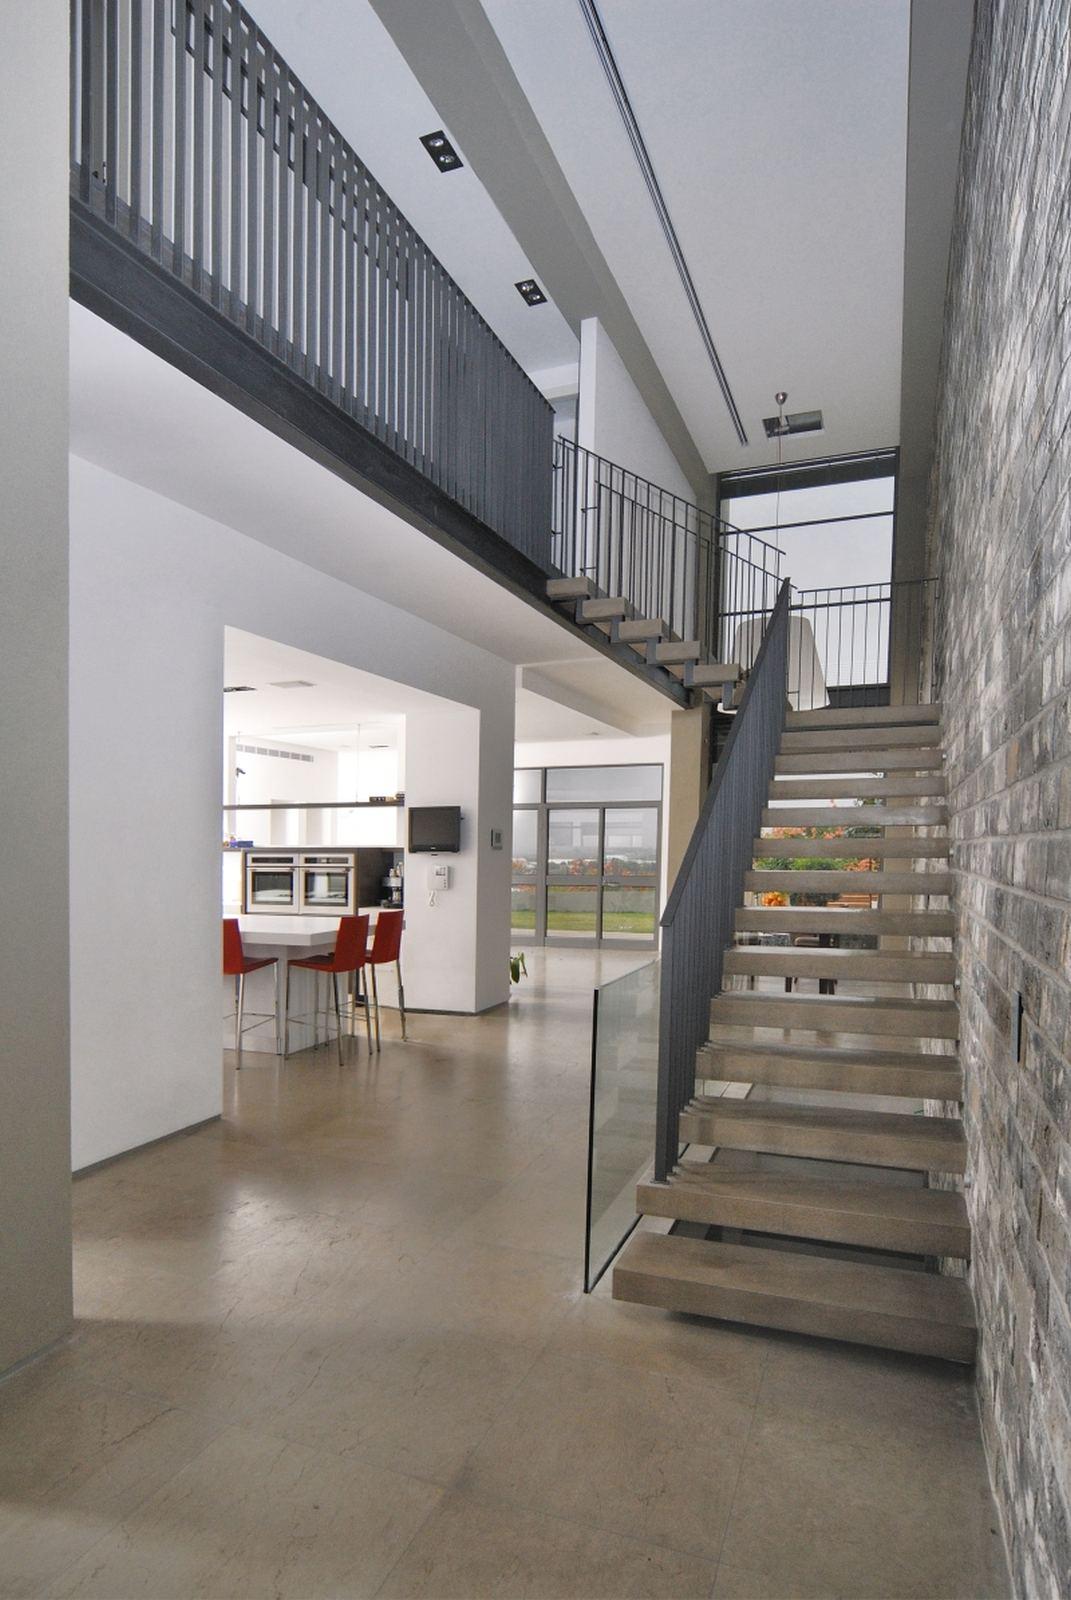 חלל כפול עם מדרגות בטון תלויות. בחירת חומרי גמר בשוהם